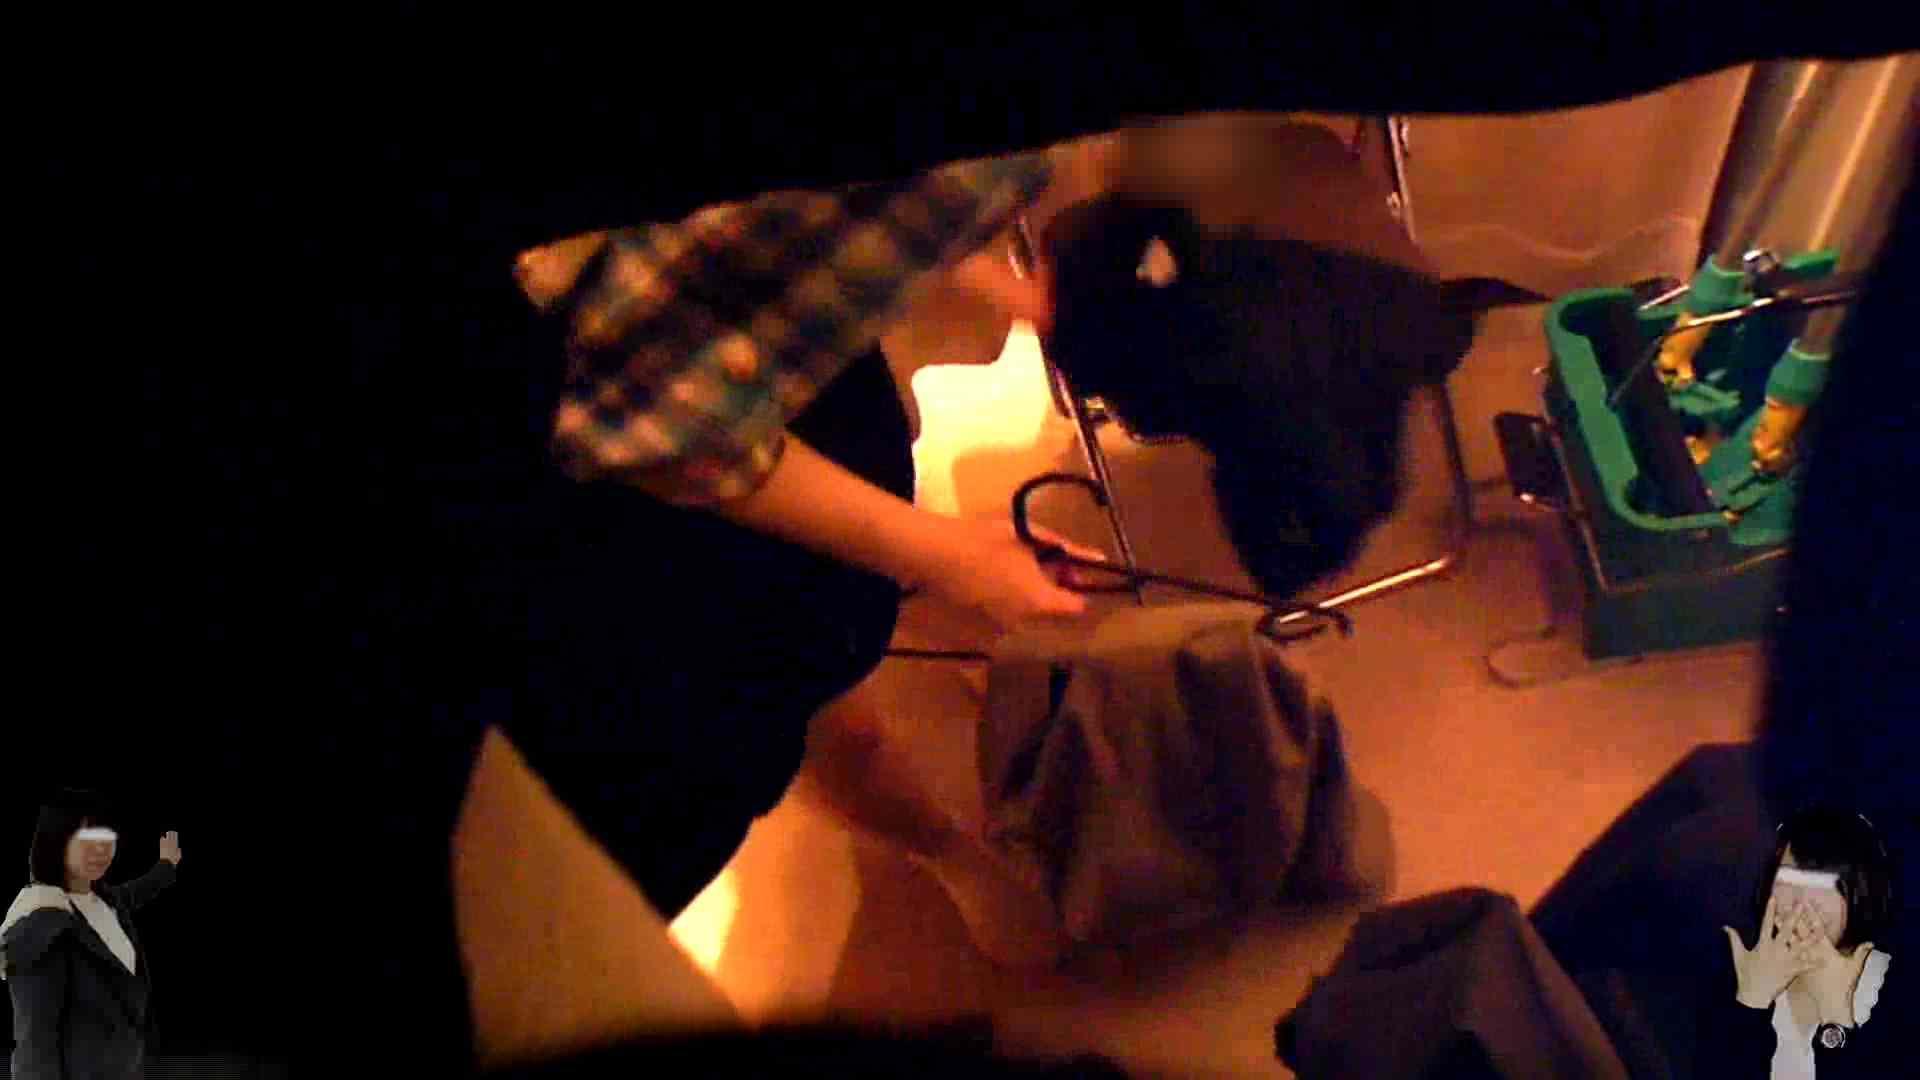 素人投稿 現役「JD」Eちゃんの着替え Vol.04 美しいOLの裸体   投稿  107pic 97